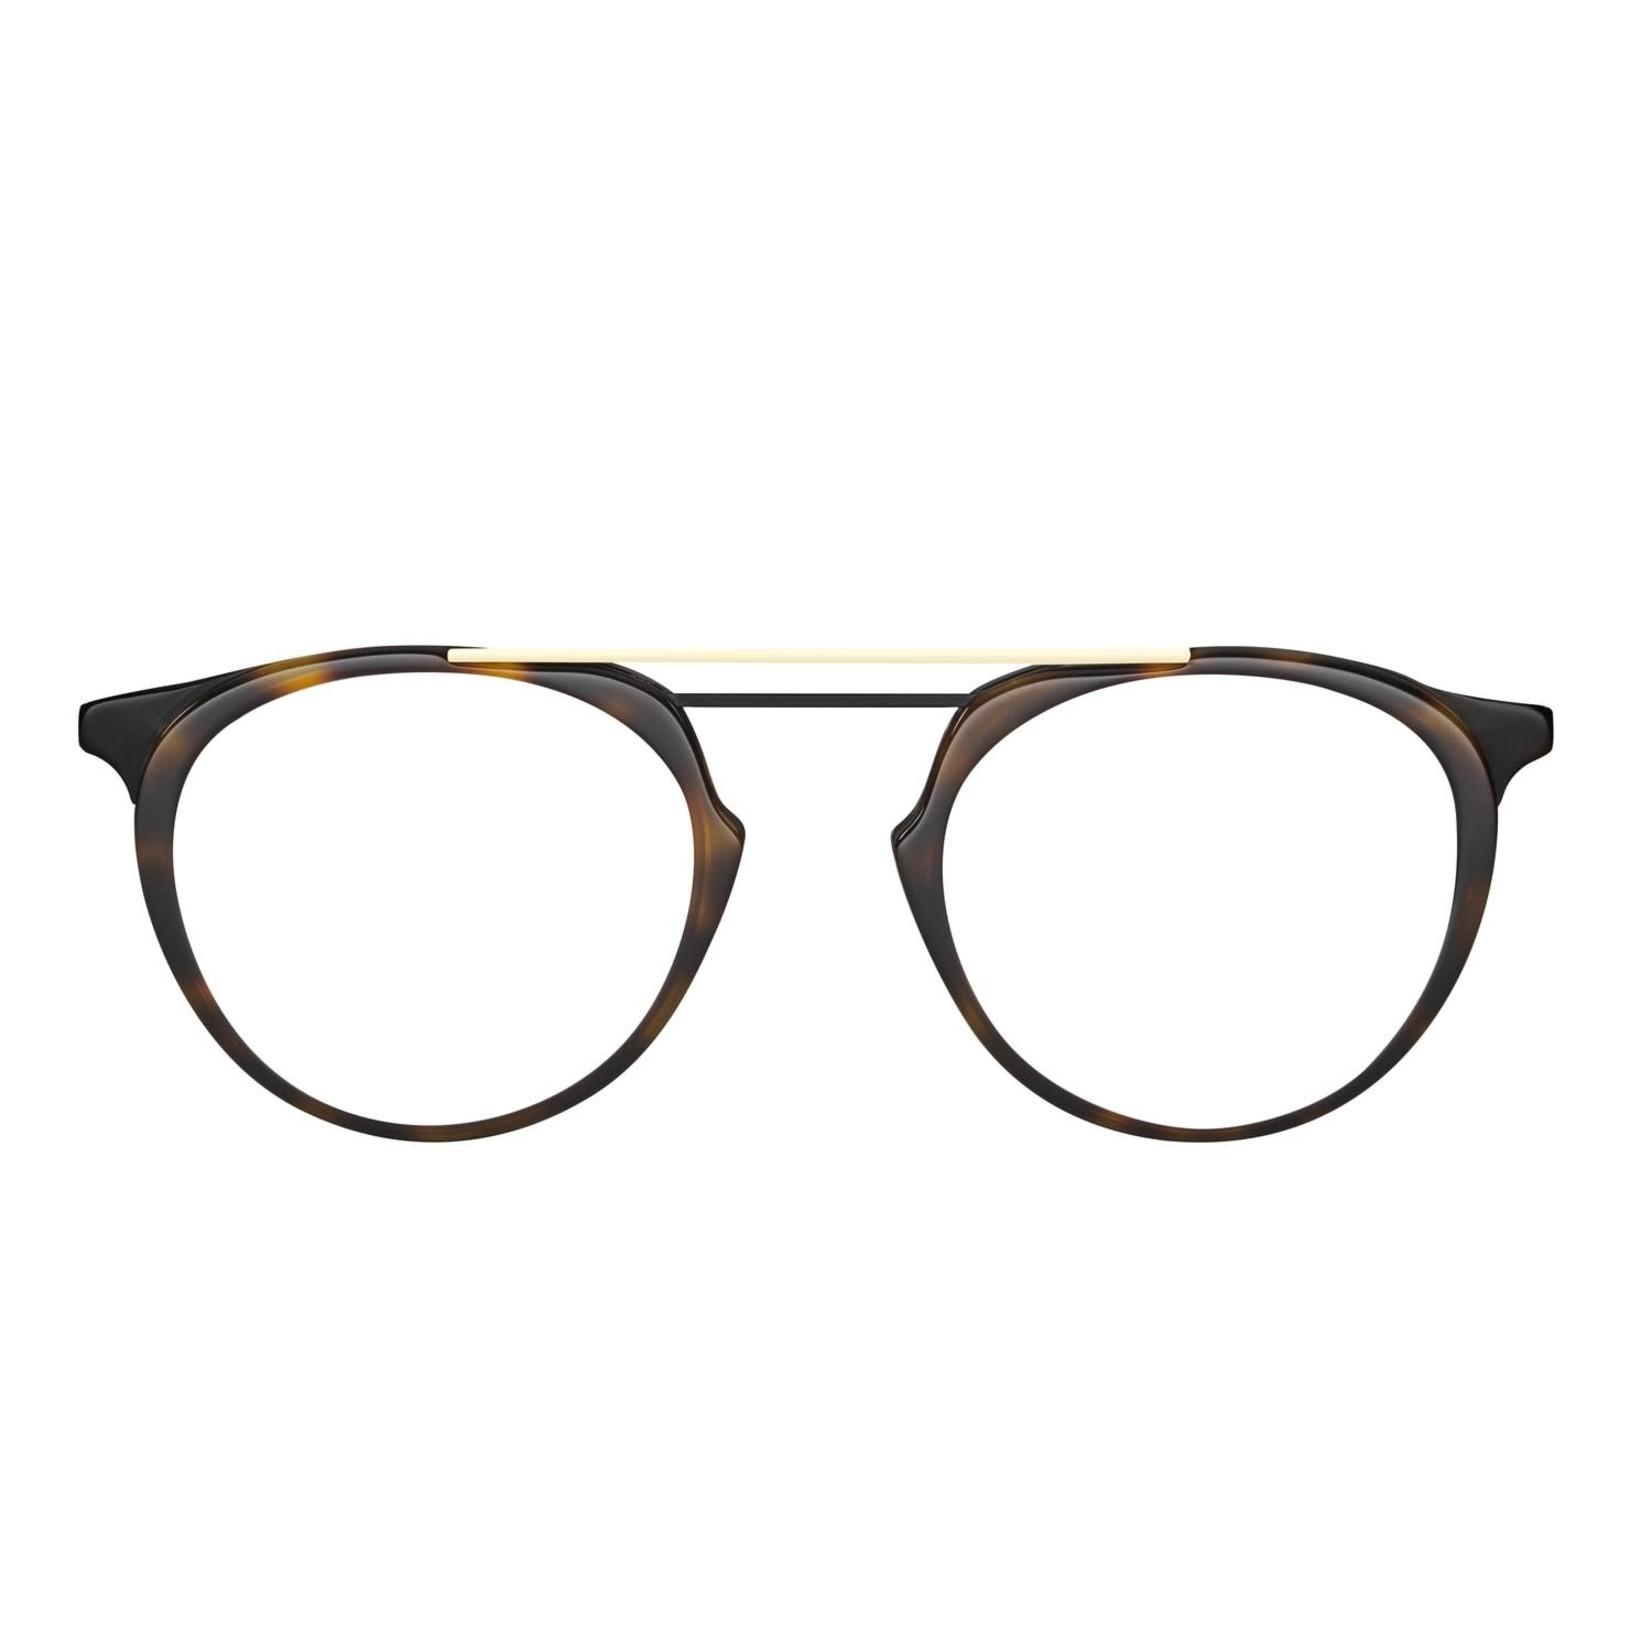 La Petite Lunette Eyewear LPLR Wardin